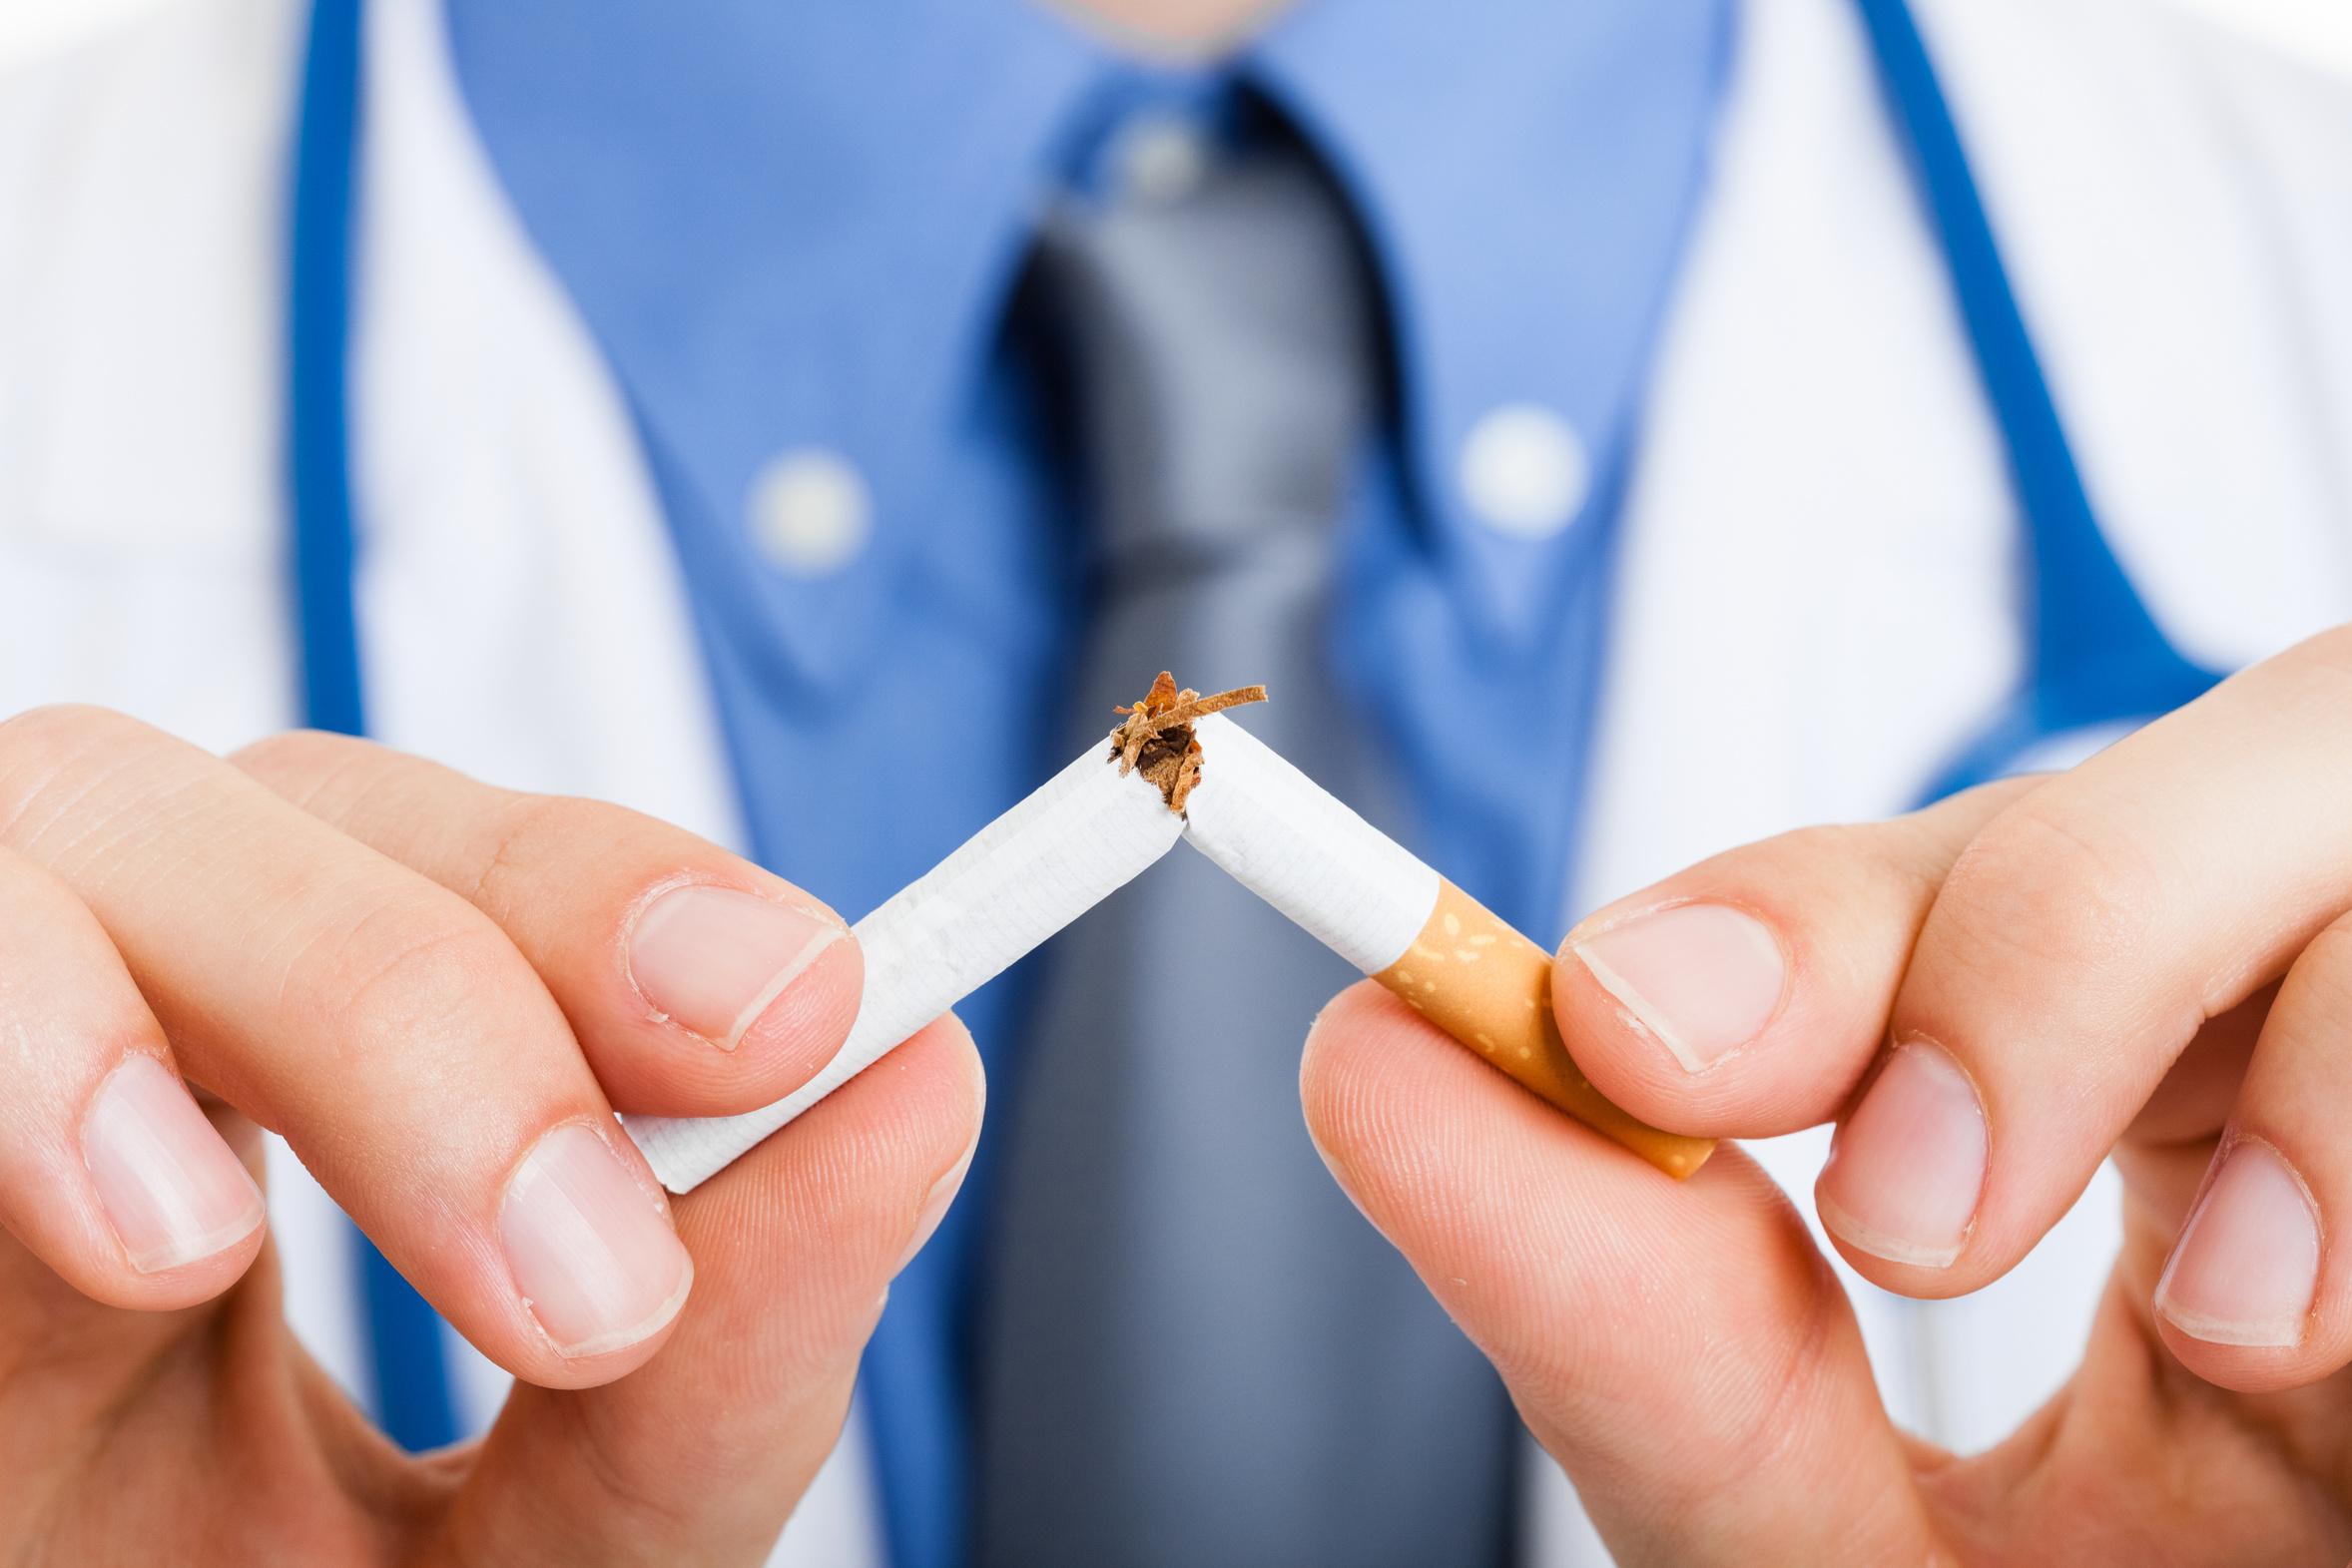 Dohányzás vagy egészséges életmód? - Népegészségtan